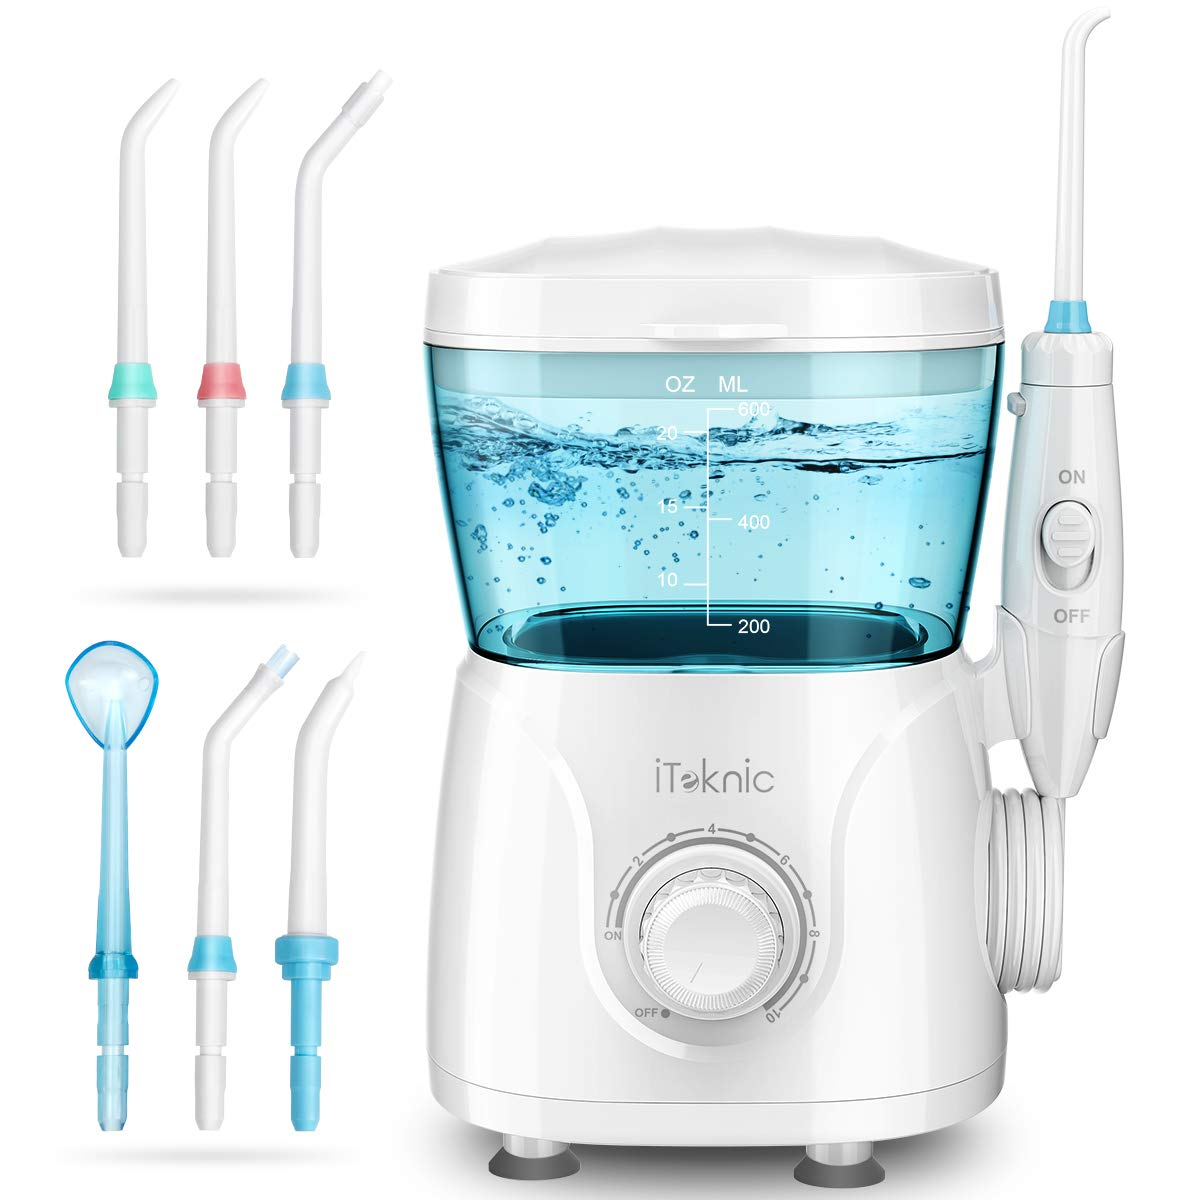 Idropulsore Dentale Professionale iTeknic Irrigatore Dentale Elettrico Irrigatore Orale con 7 Beccucci Intercambiabili, 10 Impostazioni di Velocità e Serbatoio da 600ml per Pulizia Dentale Igiene Dentale